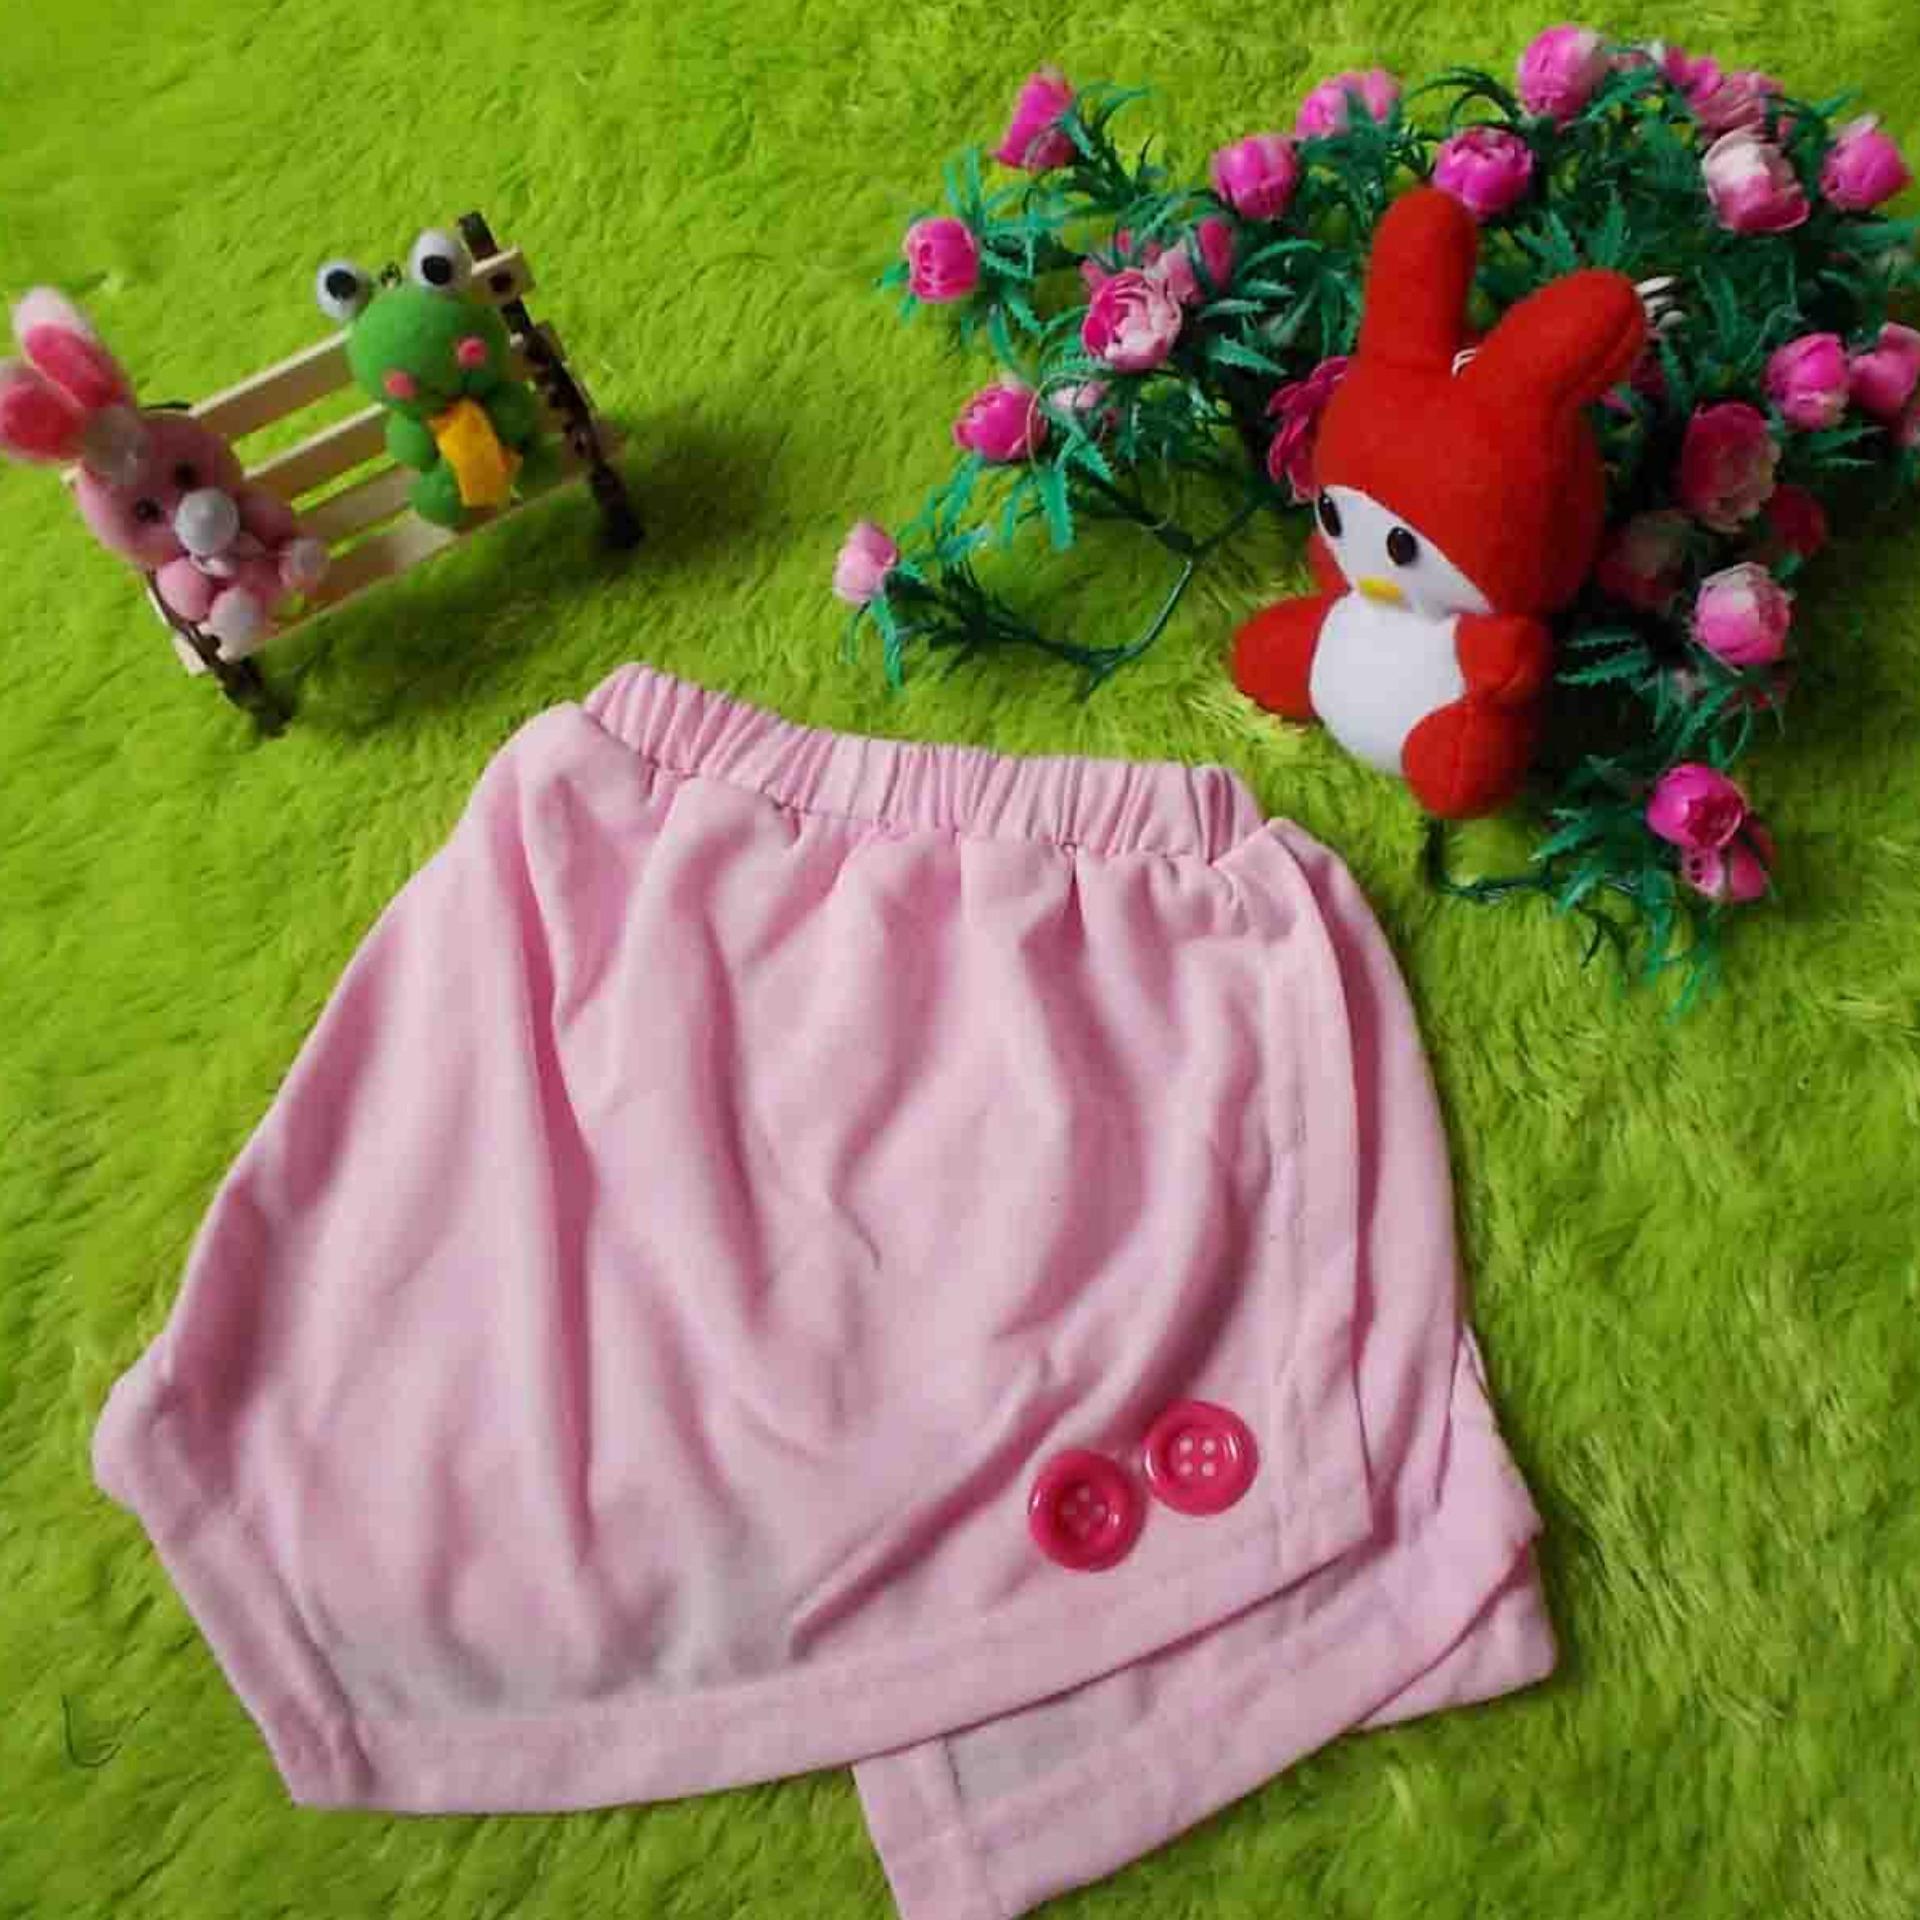 Pencarian Termurah kembarshop - Skort Anak Bayi Rok Mini Dalamnya Celana Pendek Soft Pink sale -